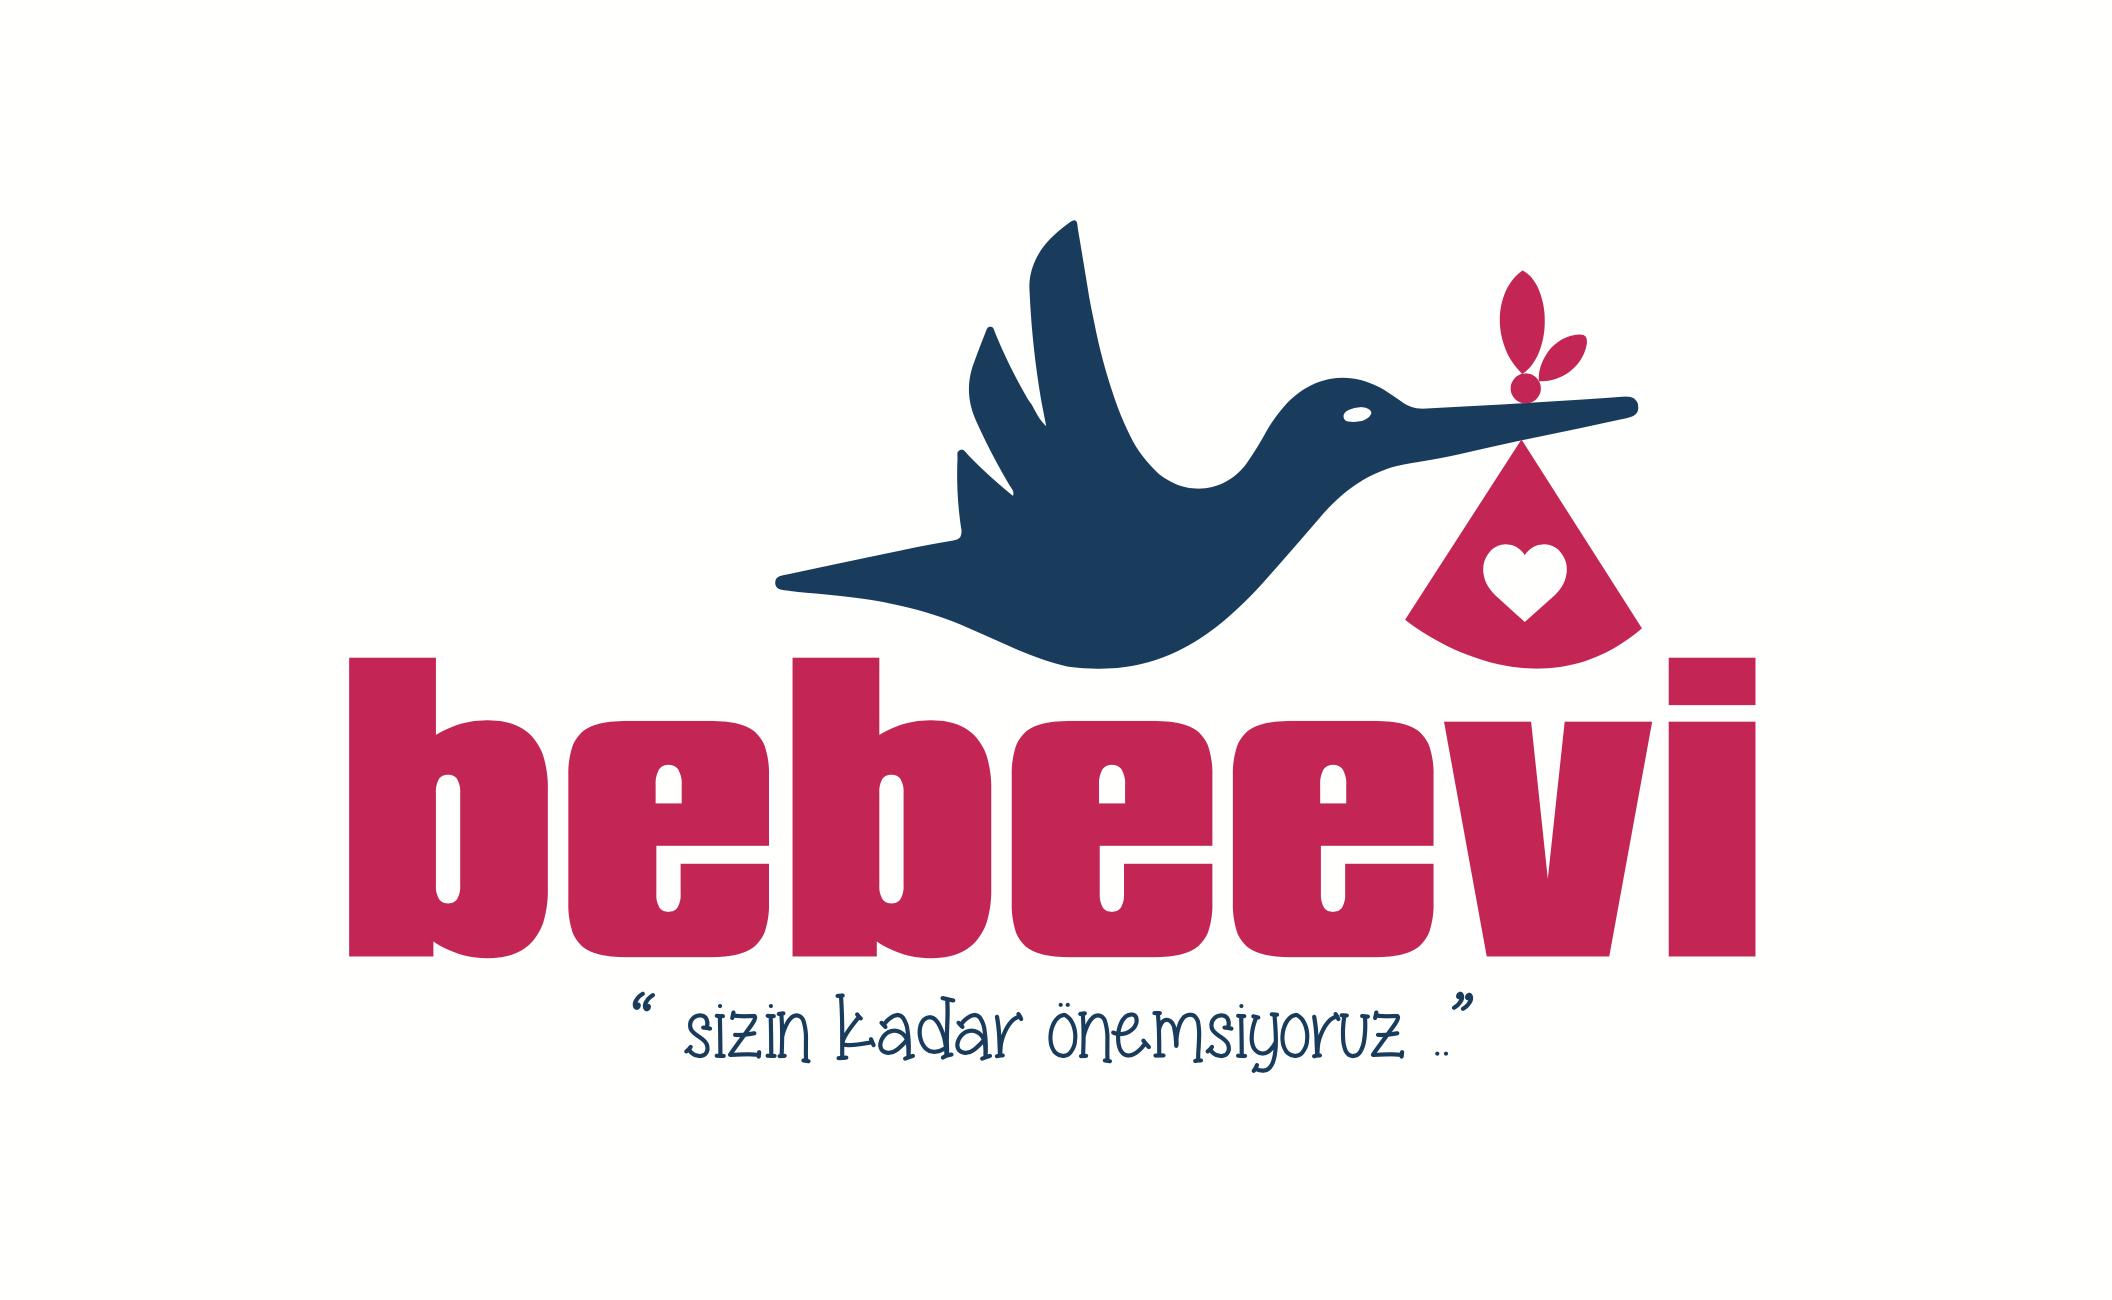 Bebeevi